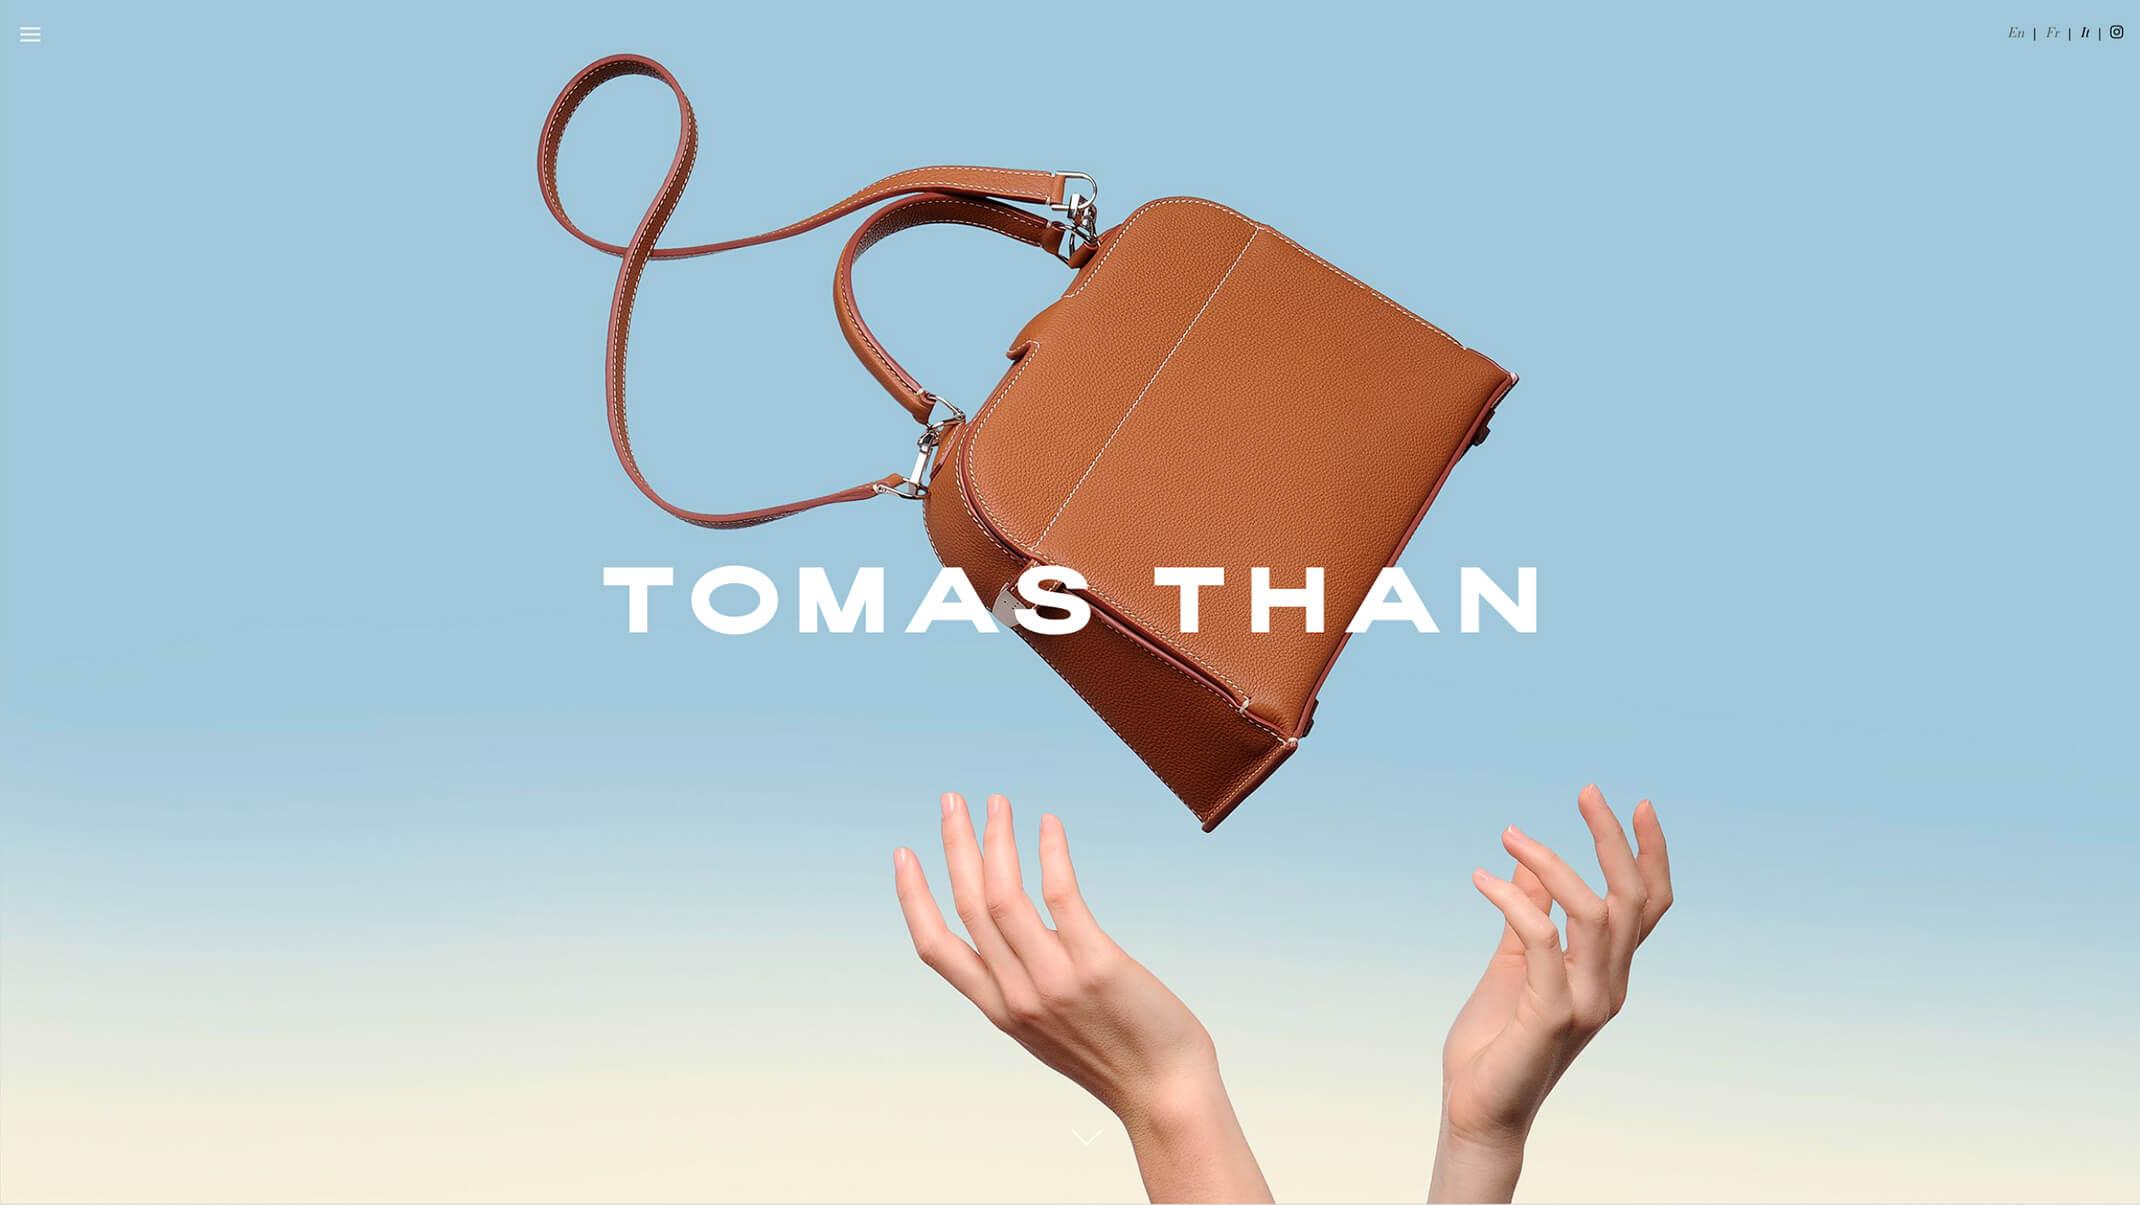 Tomasthan Design